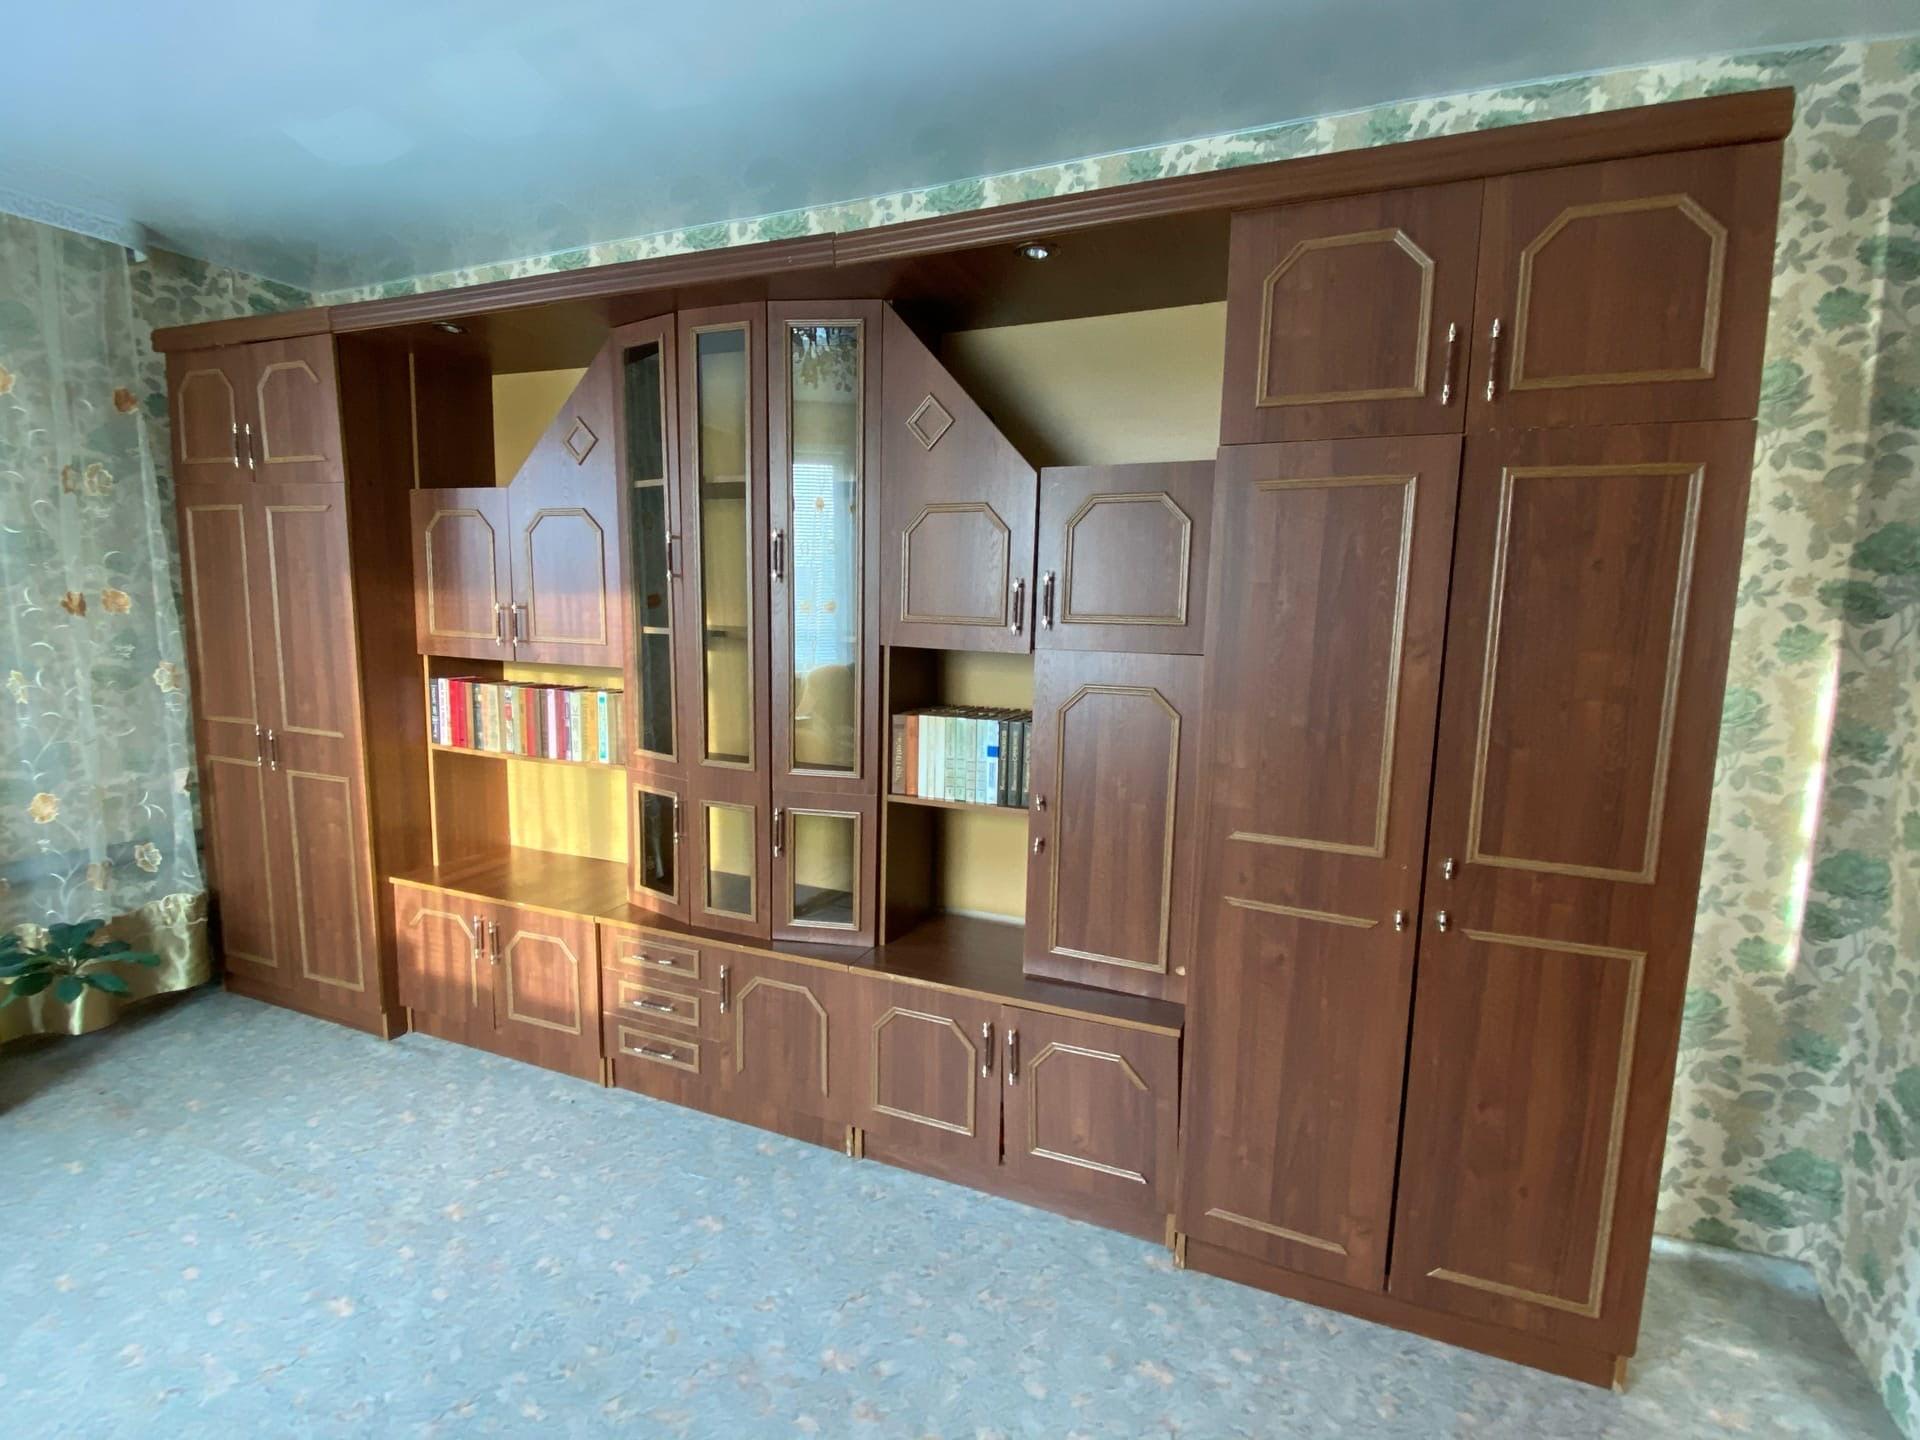 Продам модульную стенку в хорошем состоянии, вместительную.